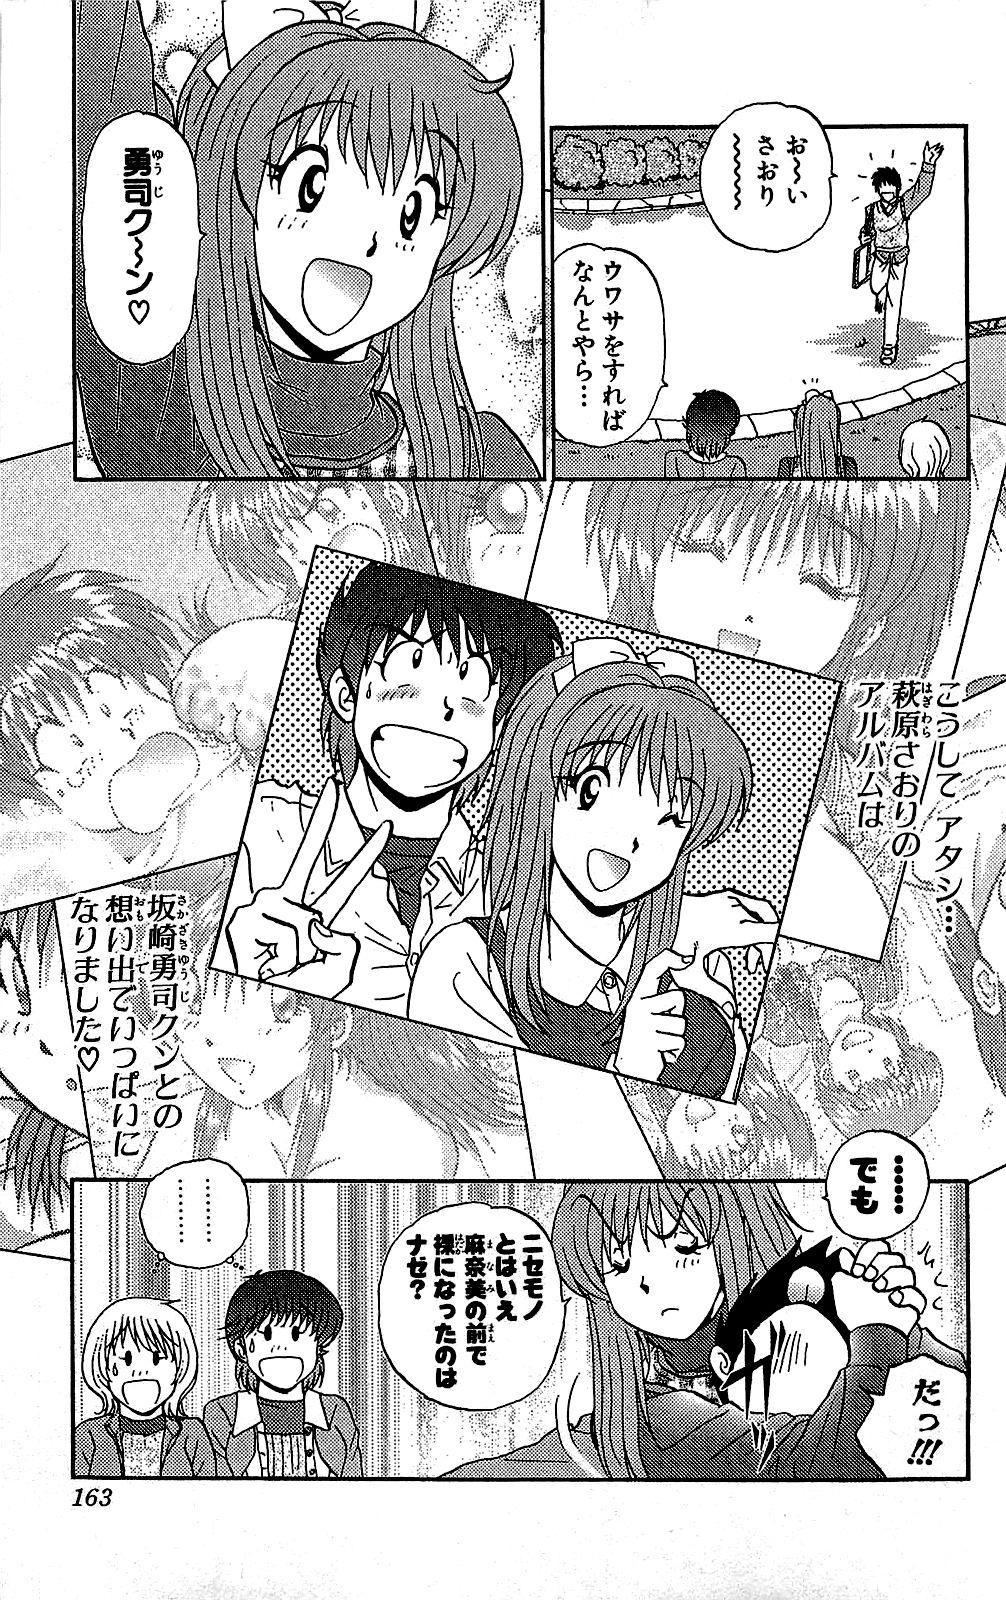 Miracle Make Yuuji 163